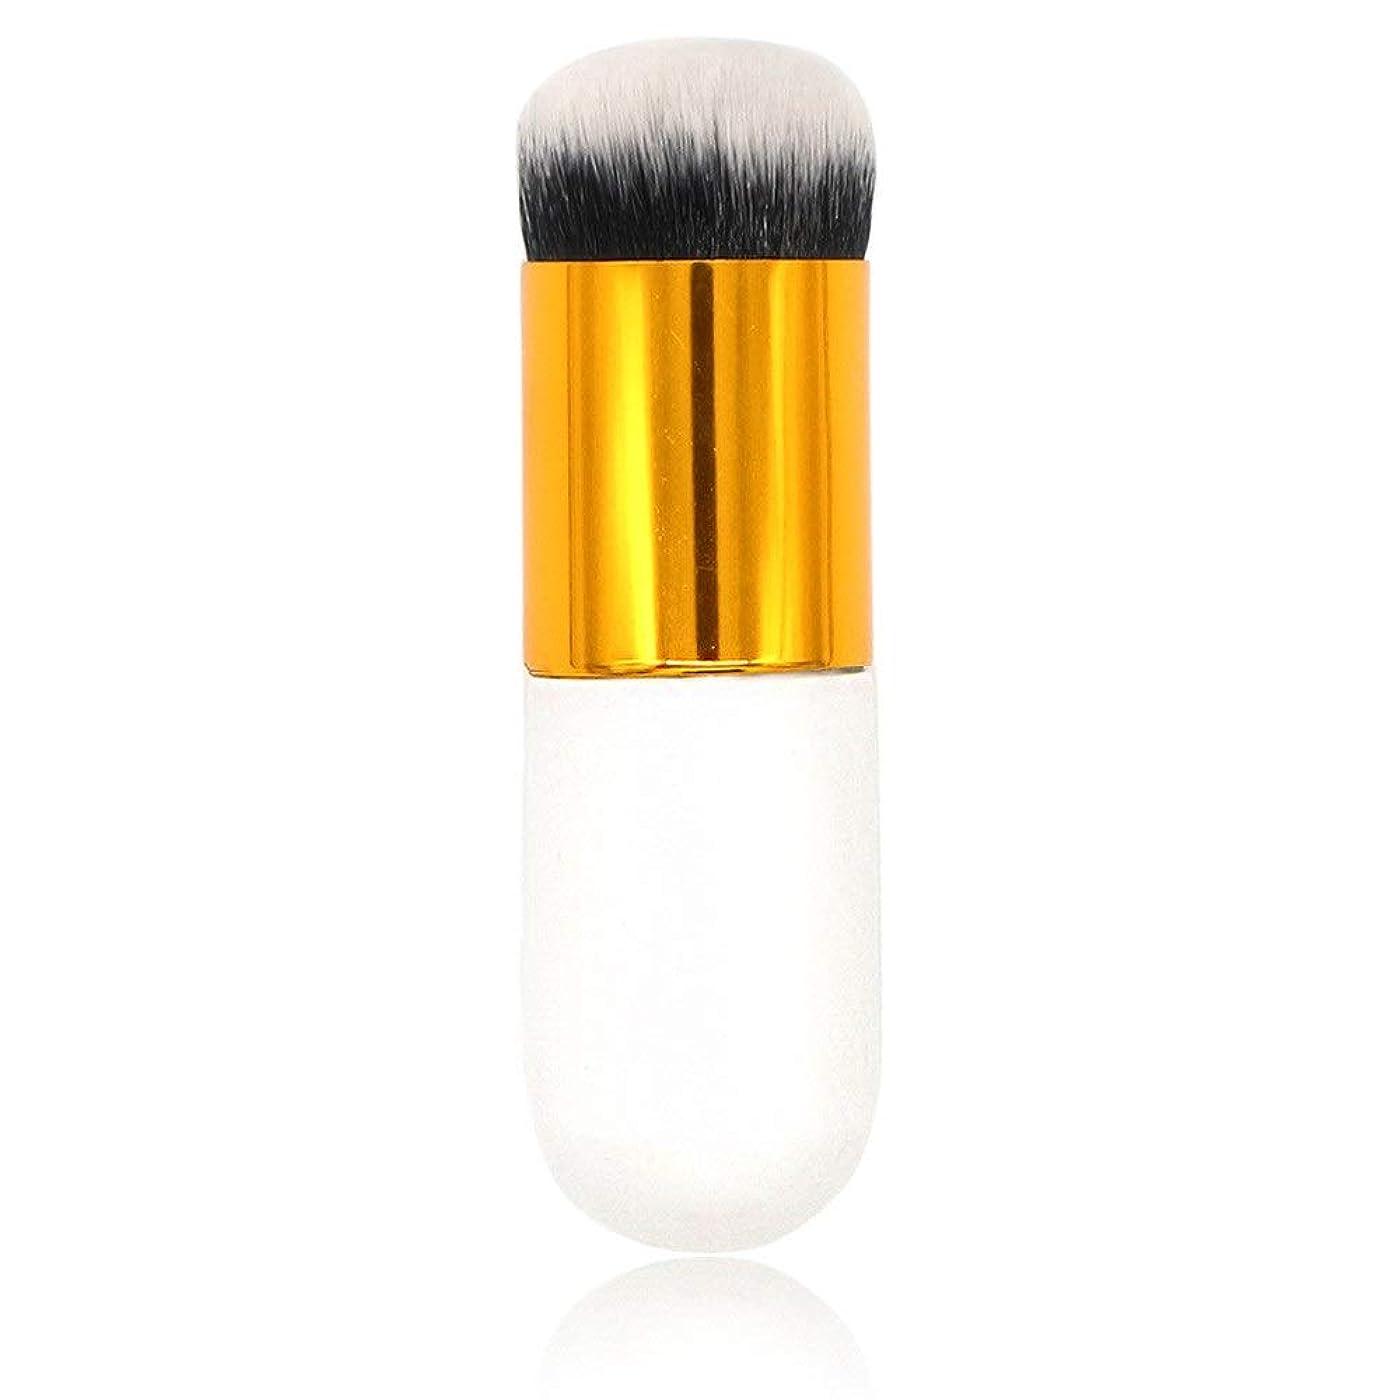 メンバー激しいメンタルMakeup brushes チャビーピアマッシュルームフレーバーレスヘッドメイクアップブラシBBクリームメイクアップブラシが食べないパウダーバウトヘッドブラシ1本 suits (Color : White Gold)